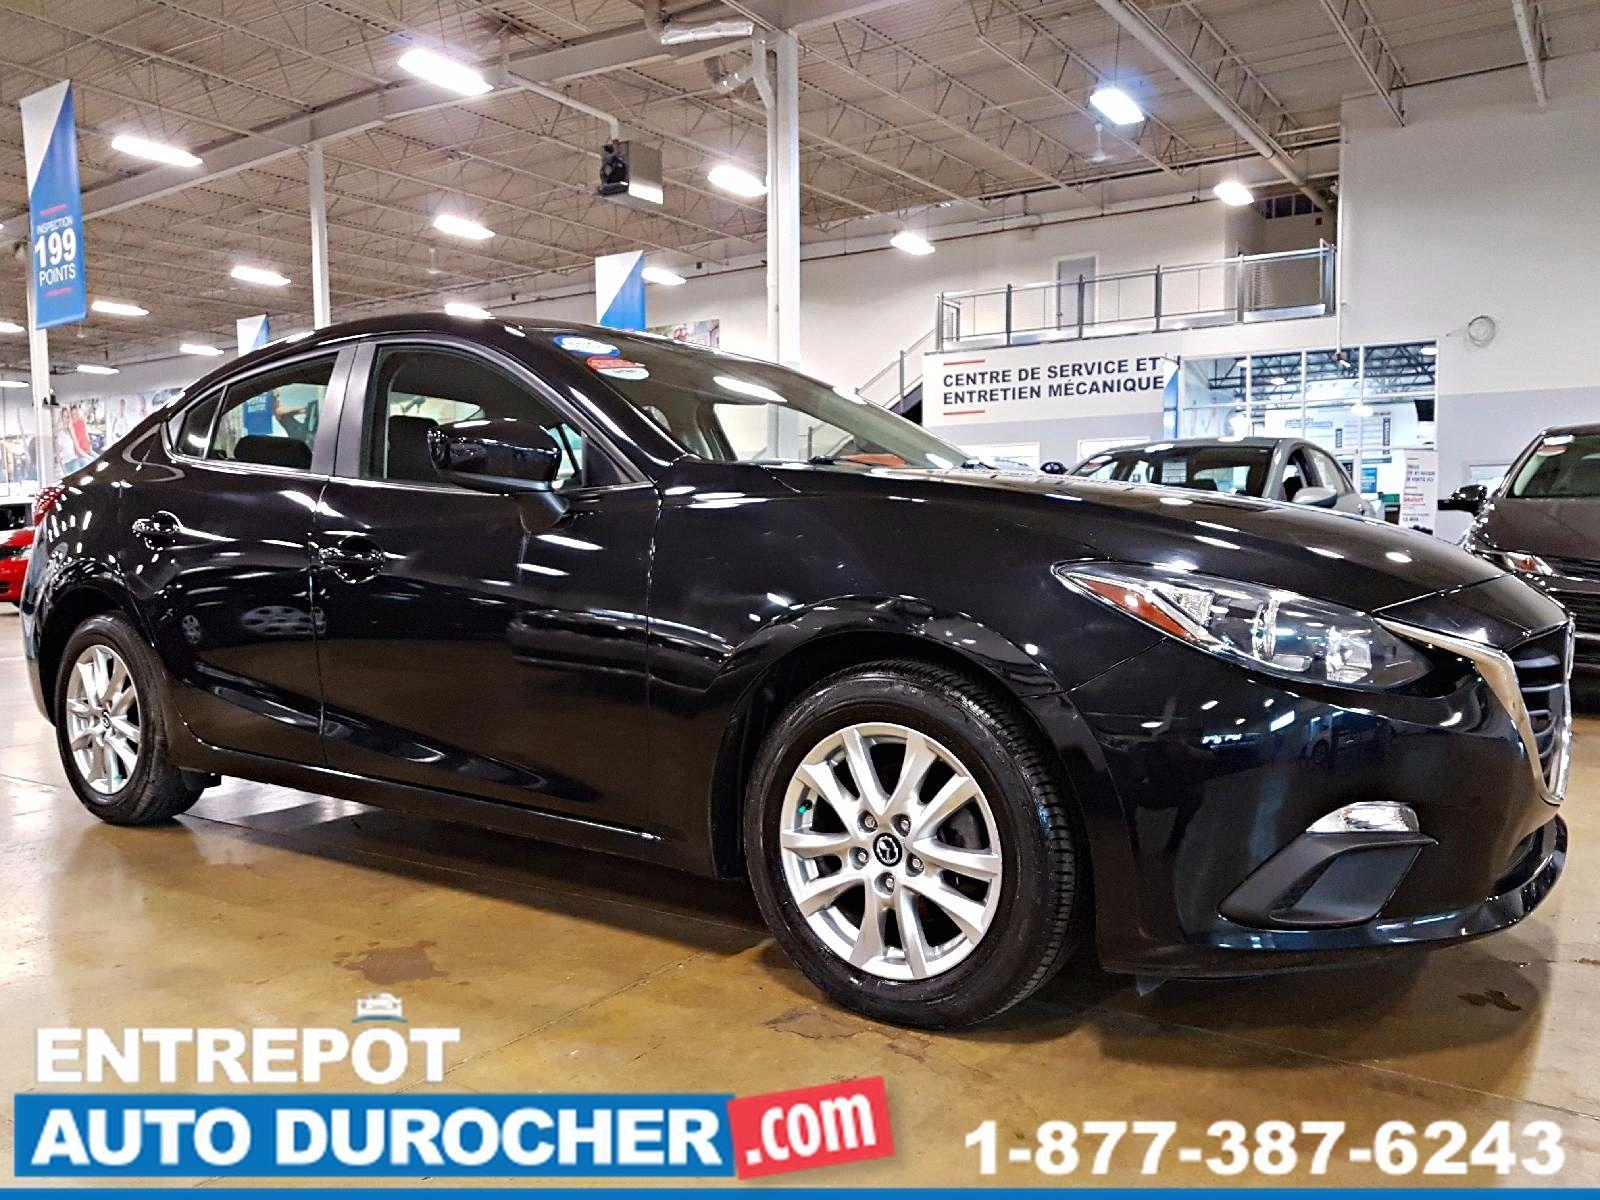 2014 Mazda Mazda3 GS-SKY - AUTOMATIQUE - AIR CLIMATISÉ